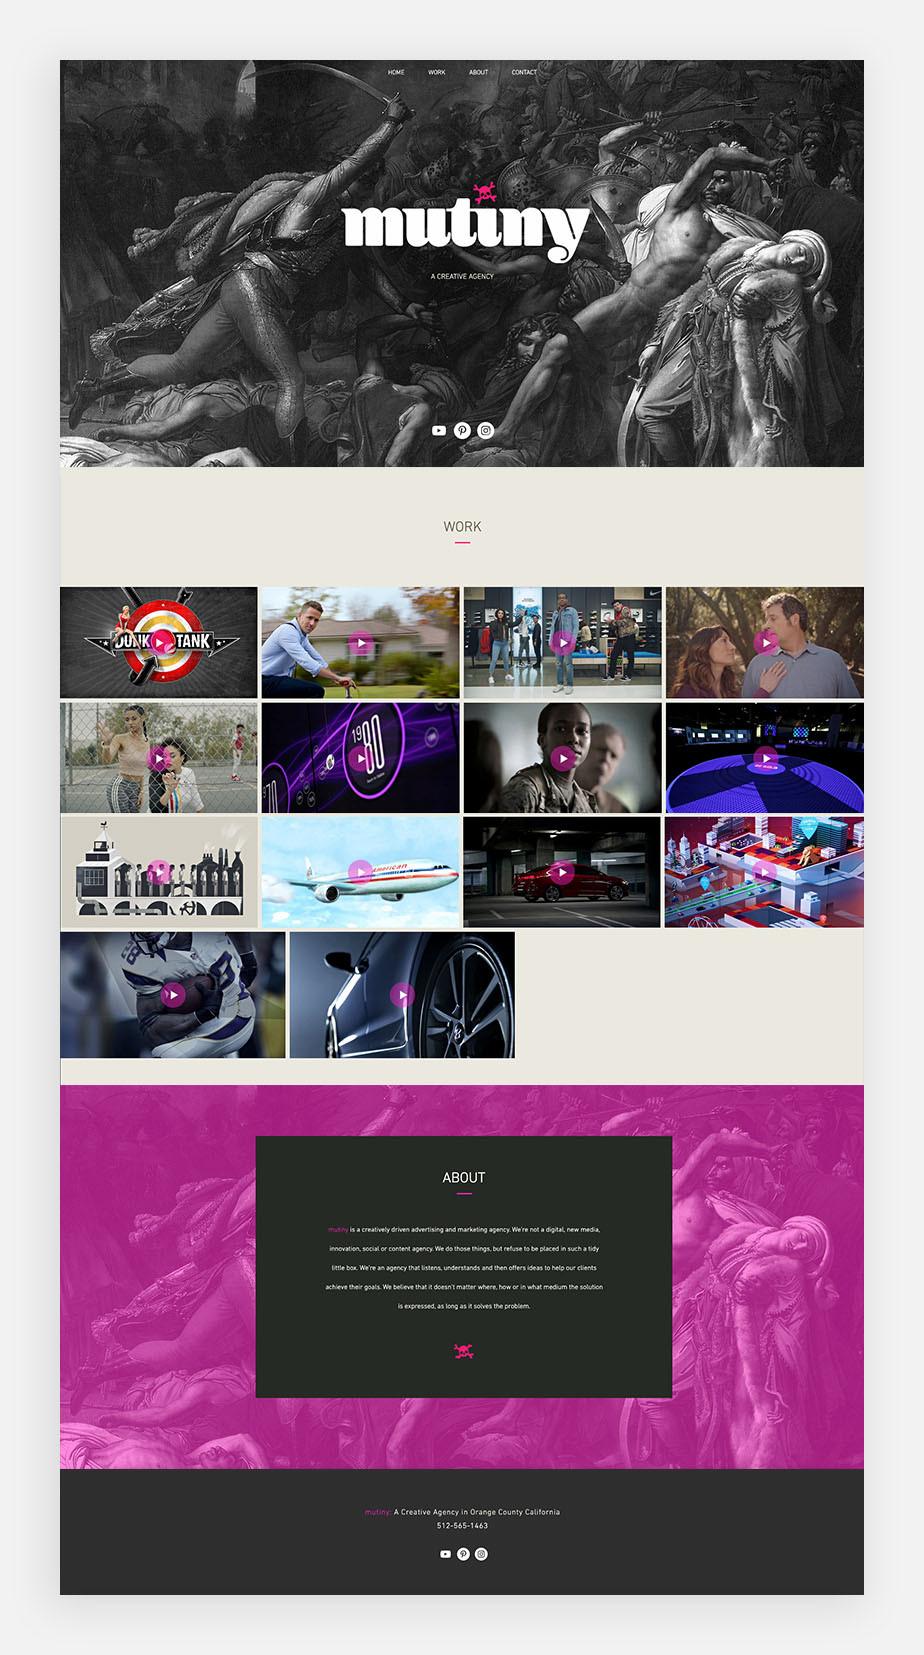 윅스 사용자 뮤티니의 원페이지 웹사이트 이미지